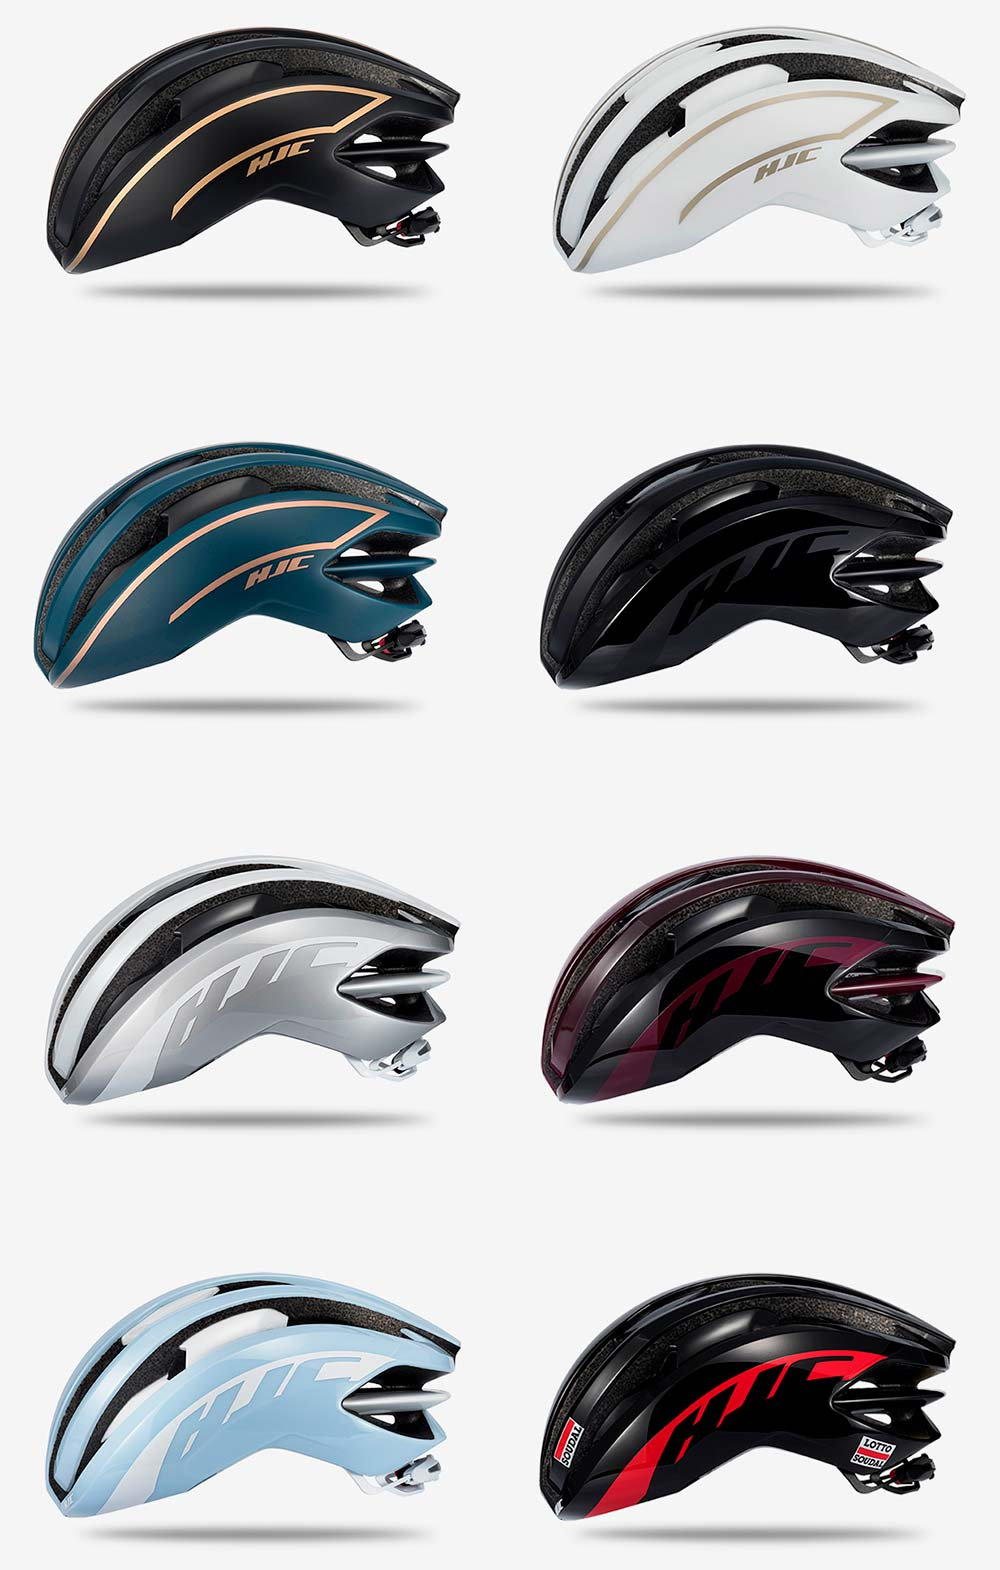 En TodoMountainBike: HJC Ibex, un casco de líneas aerodinámicas con una excelente ventilación como principal arma